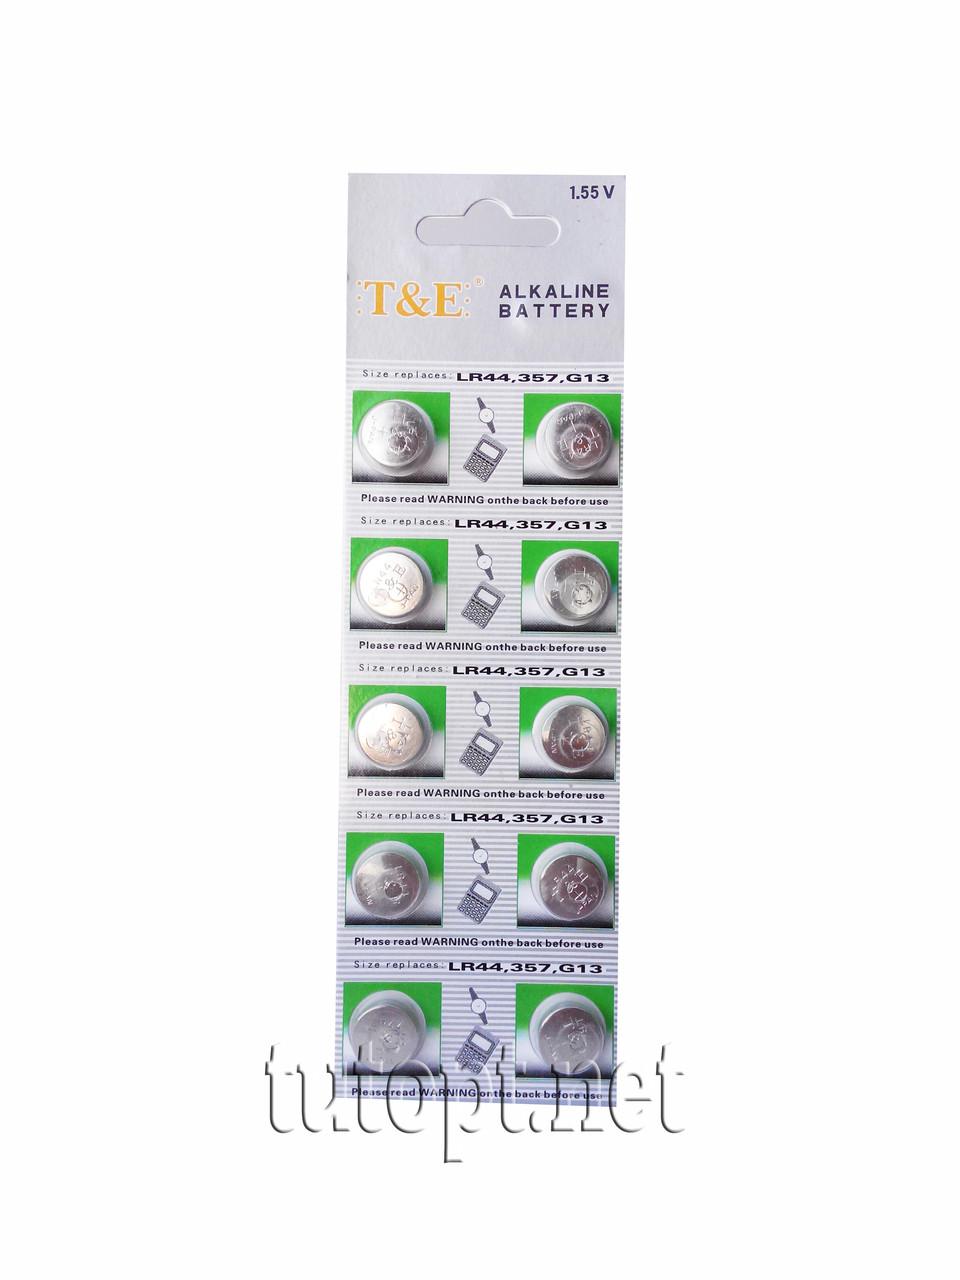 """Батарейки-Таблетки """"T&E"""", LR44, 357, G13, блистер - 10шт. упаковка - 100шт."""